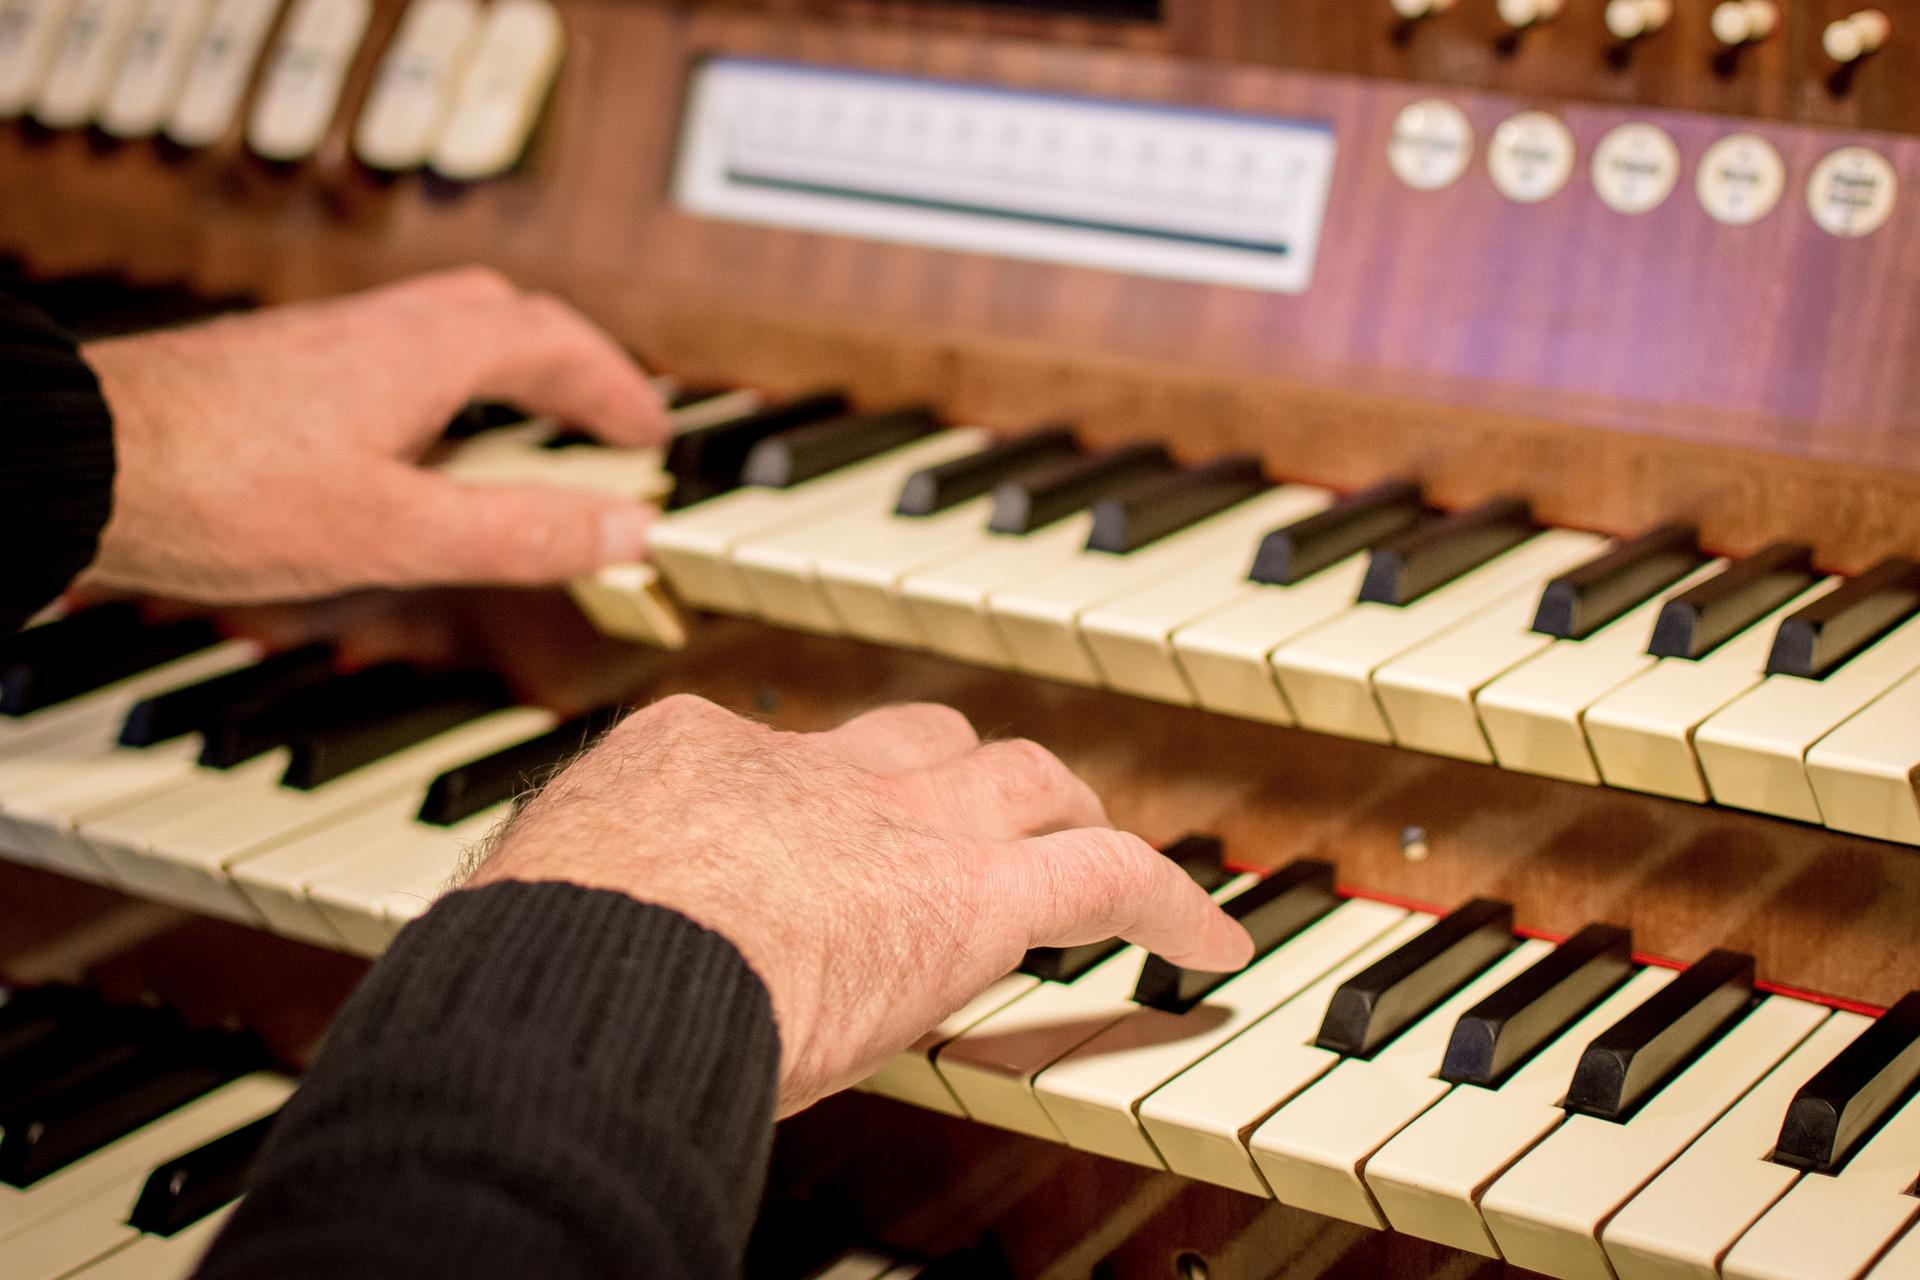 Kirchenmusik in der Region Heinsberg (c) www.pixabay.com